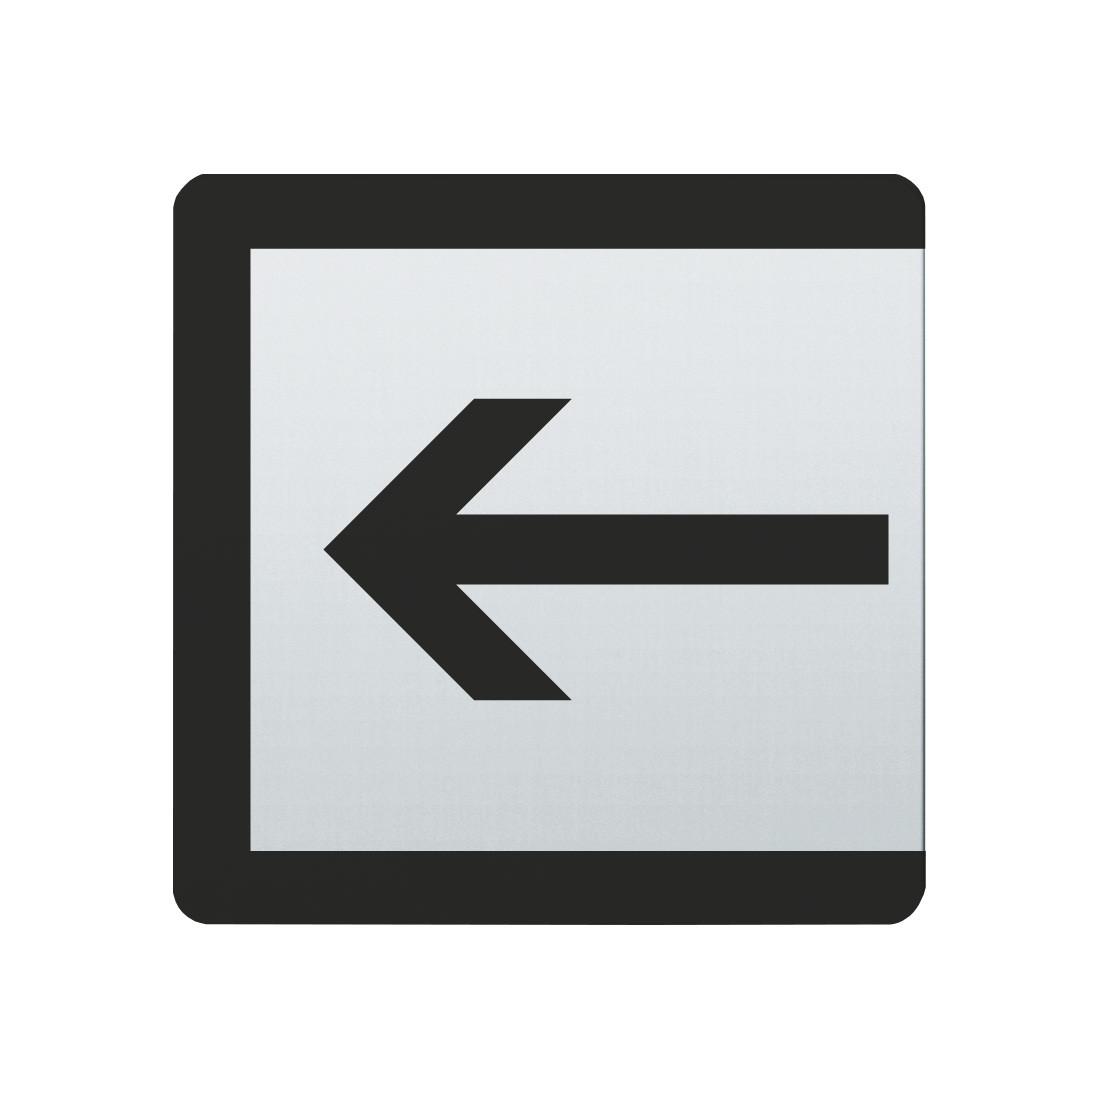 FSB Hinweiszeichen Eingang Lasergraviert Edelstahl fein matt (0 36 4059 00020 6204)